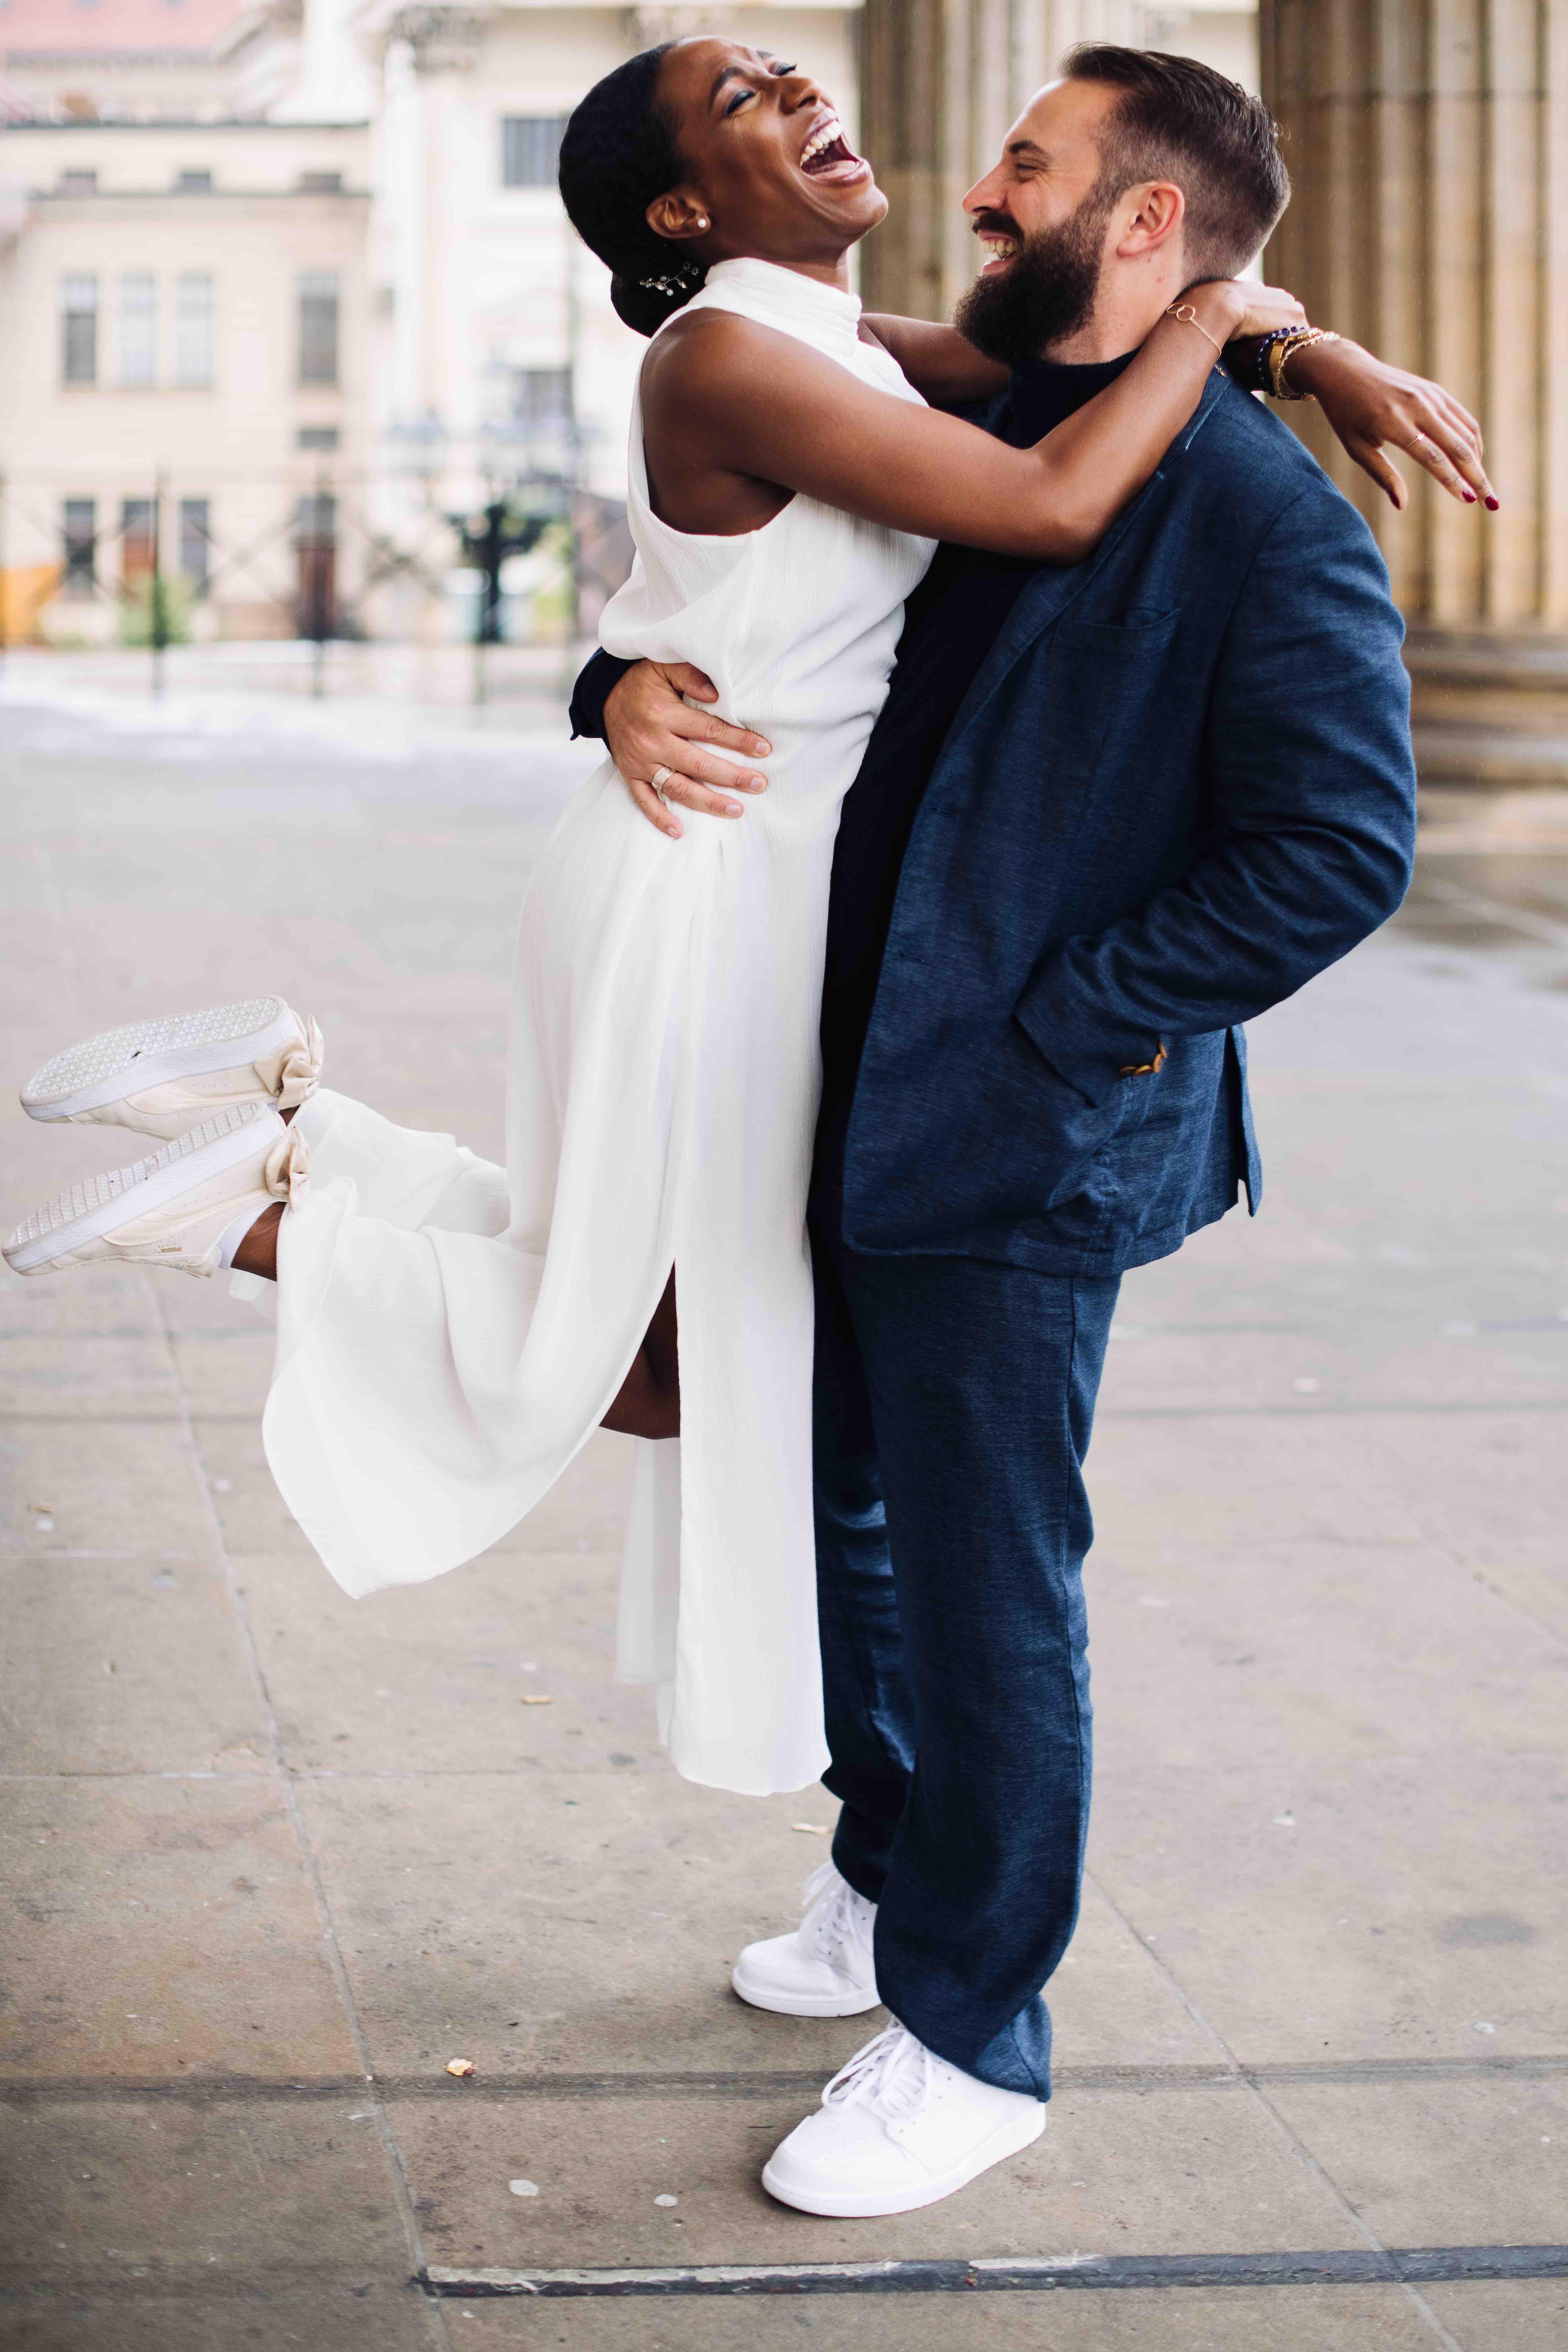 le mariage change-t-il le couple